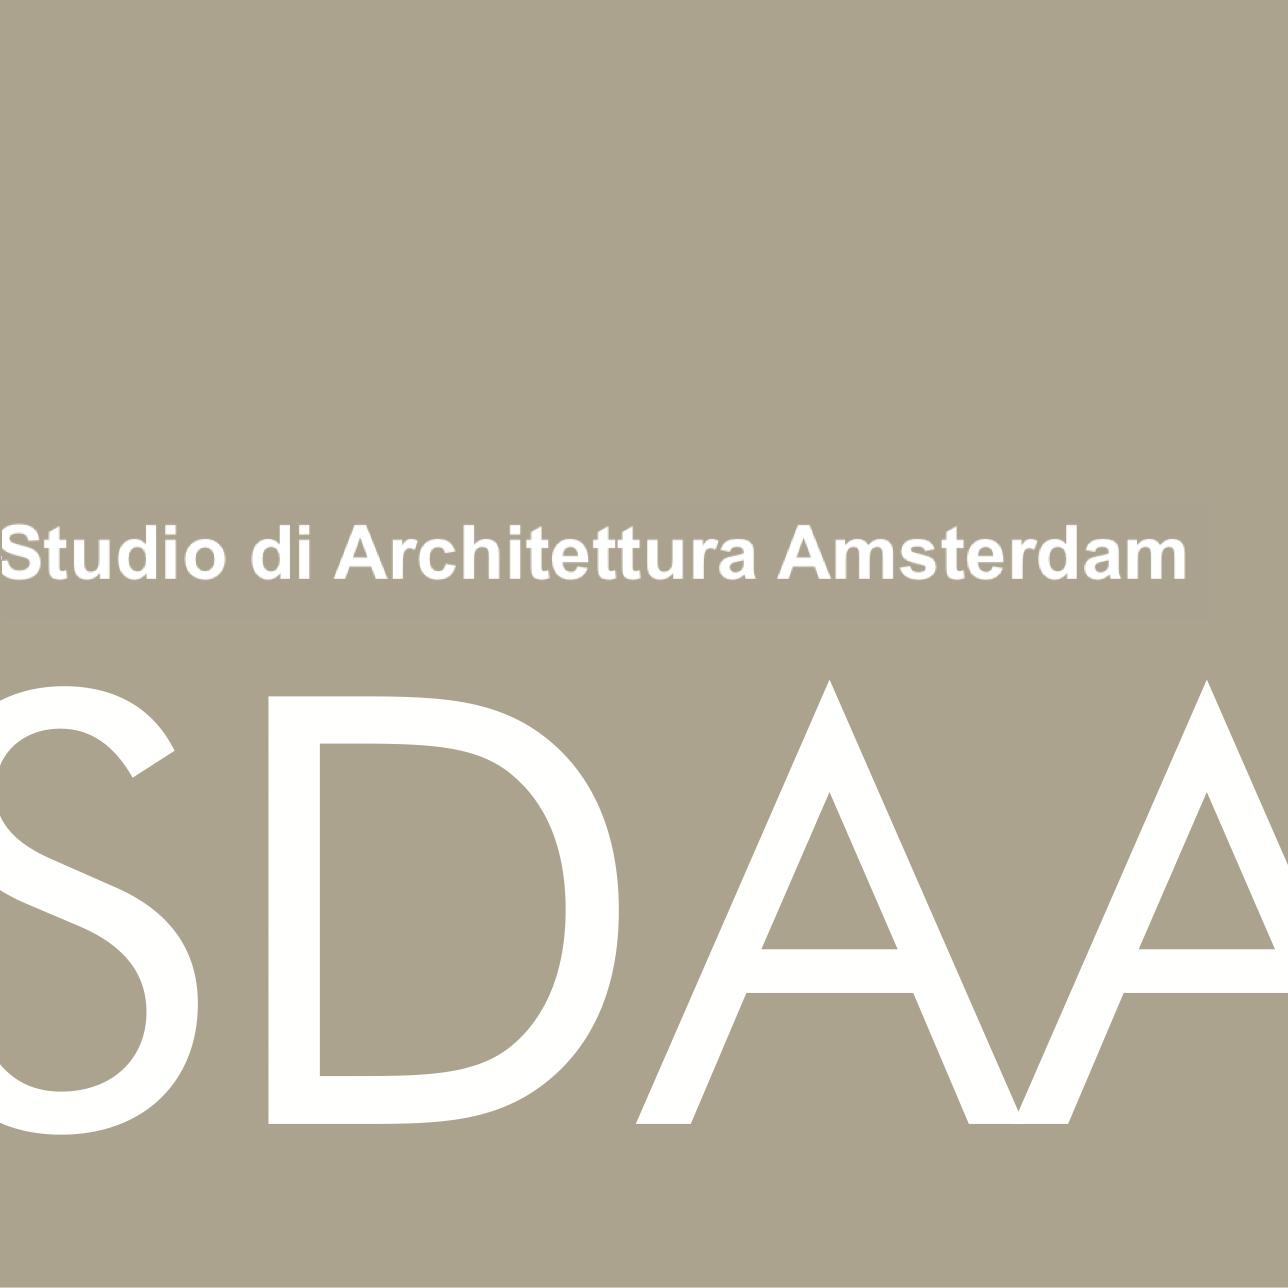 Studio di Architettura Amsterdam